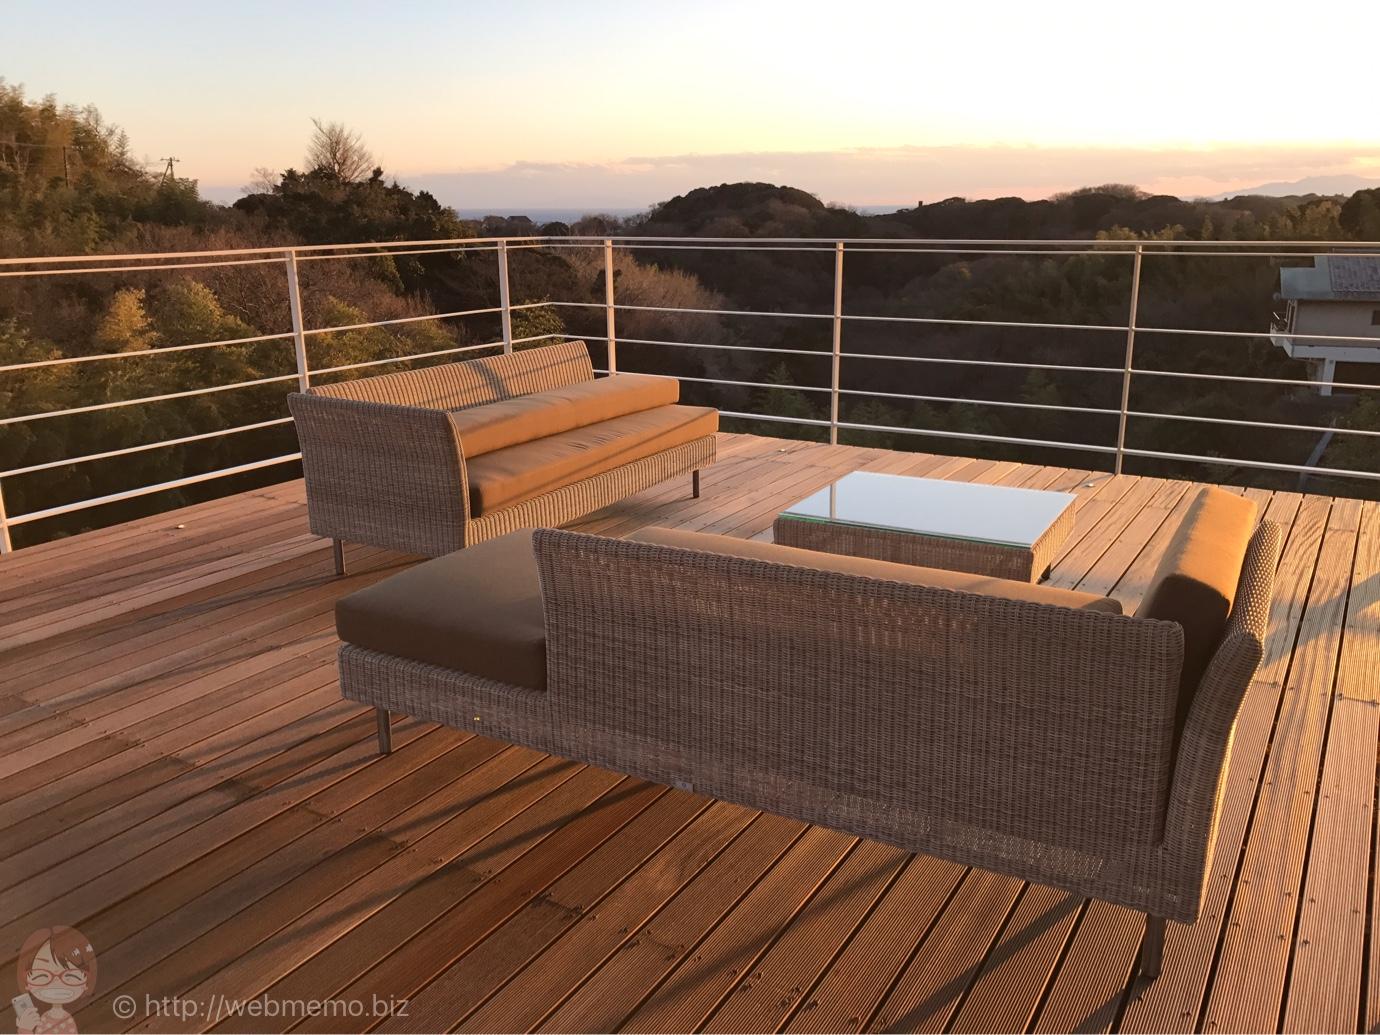 ル・ミリュウ 屋上テラス席から見た夕陽と海と山々